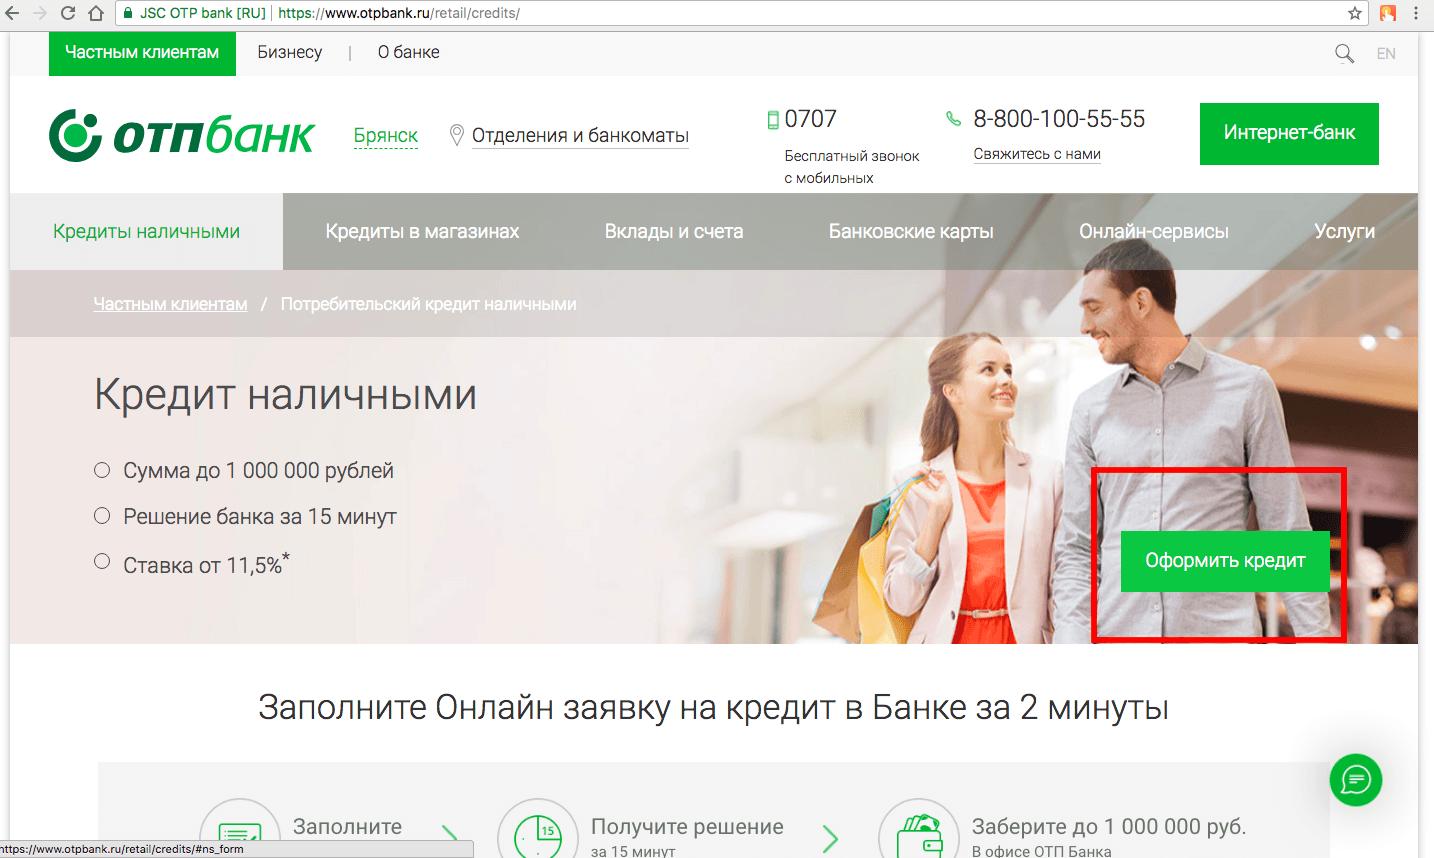 Как проверить остаток по кредиту в ОТП банке